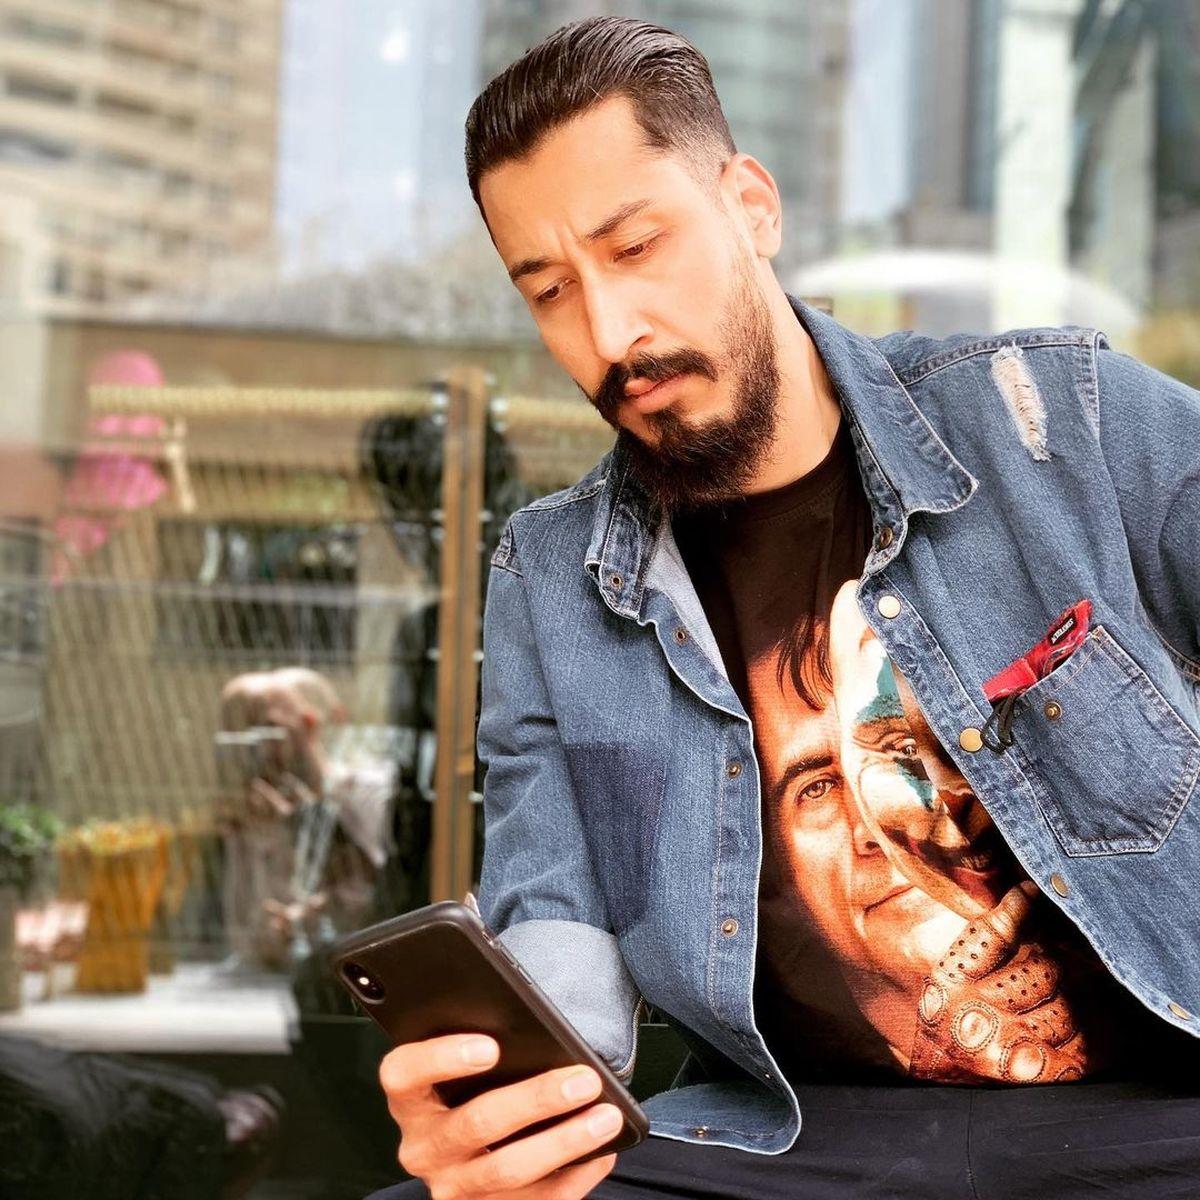 بیوگرافی بهرام افشاری بازیگر نقش پیام در سریال میدان سرخ | عکسهای بهرام افشاری